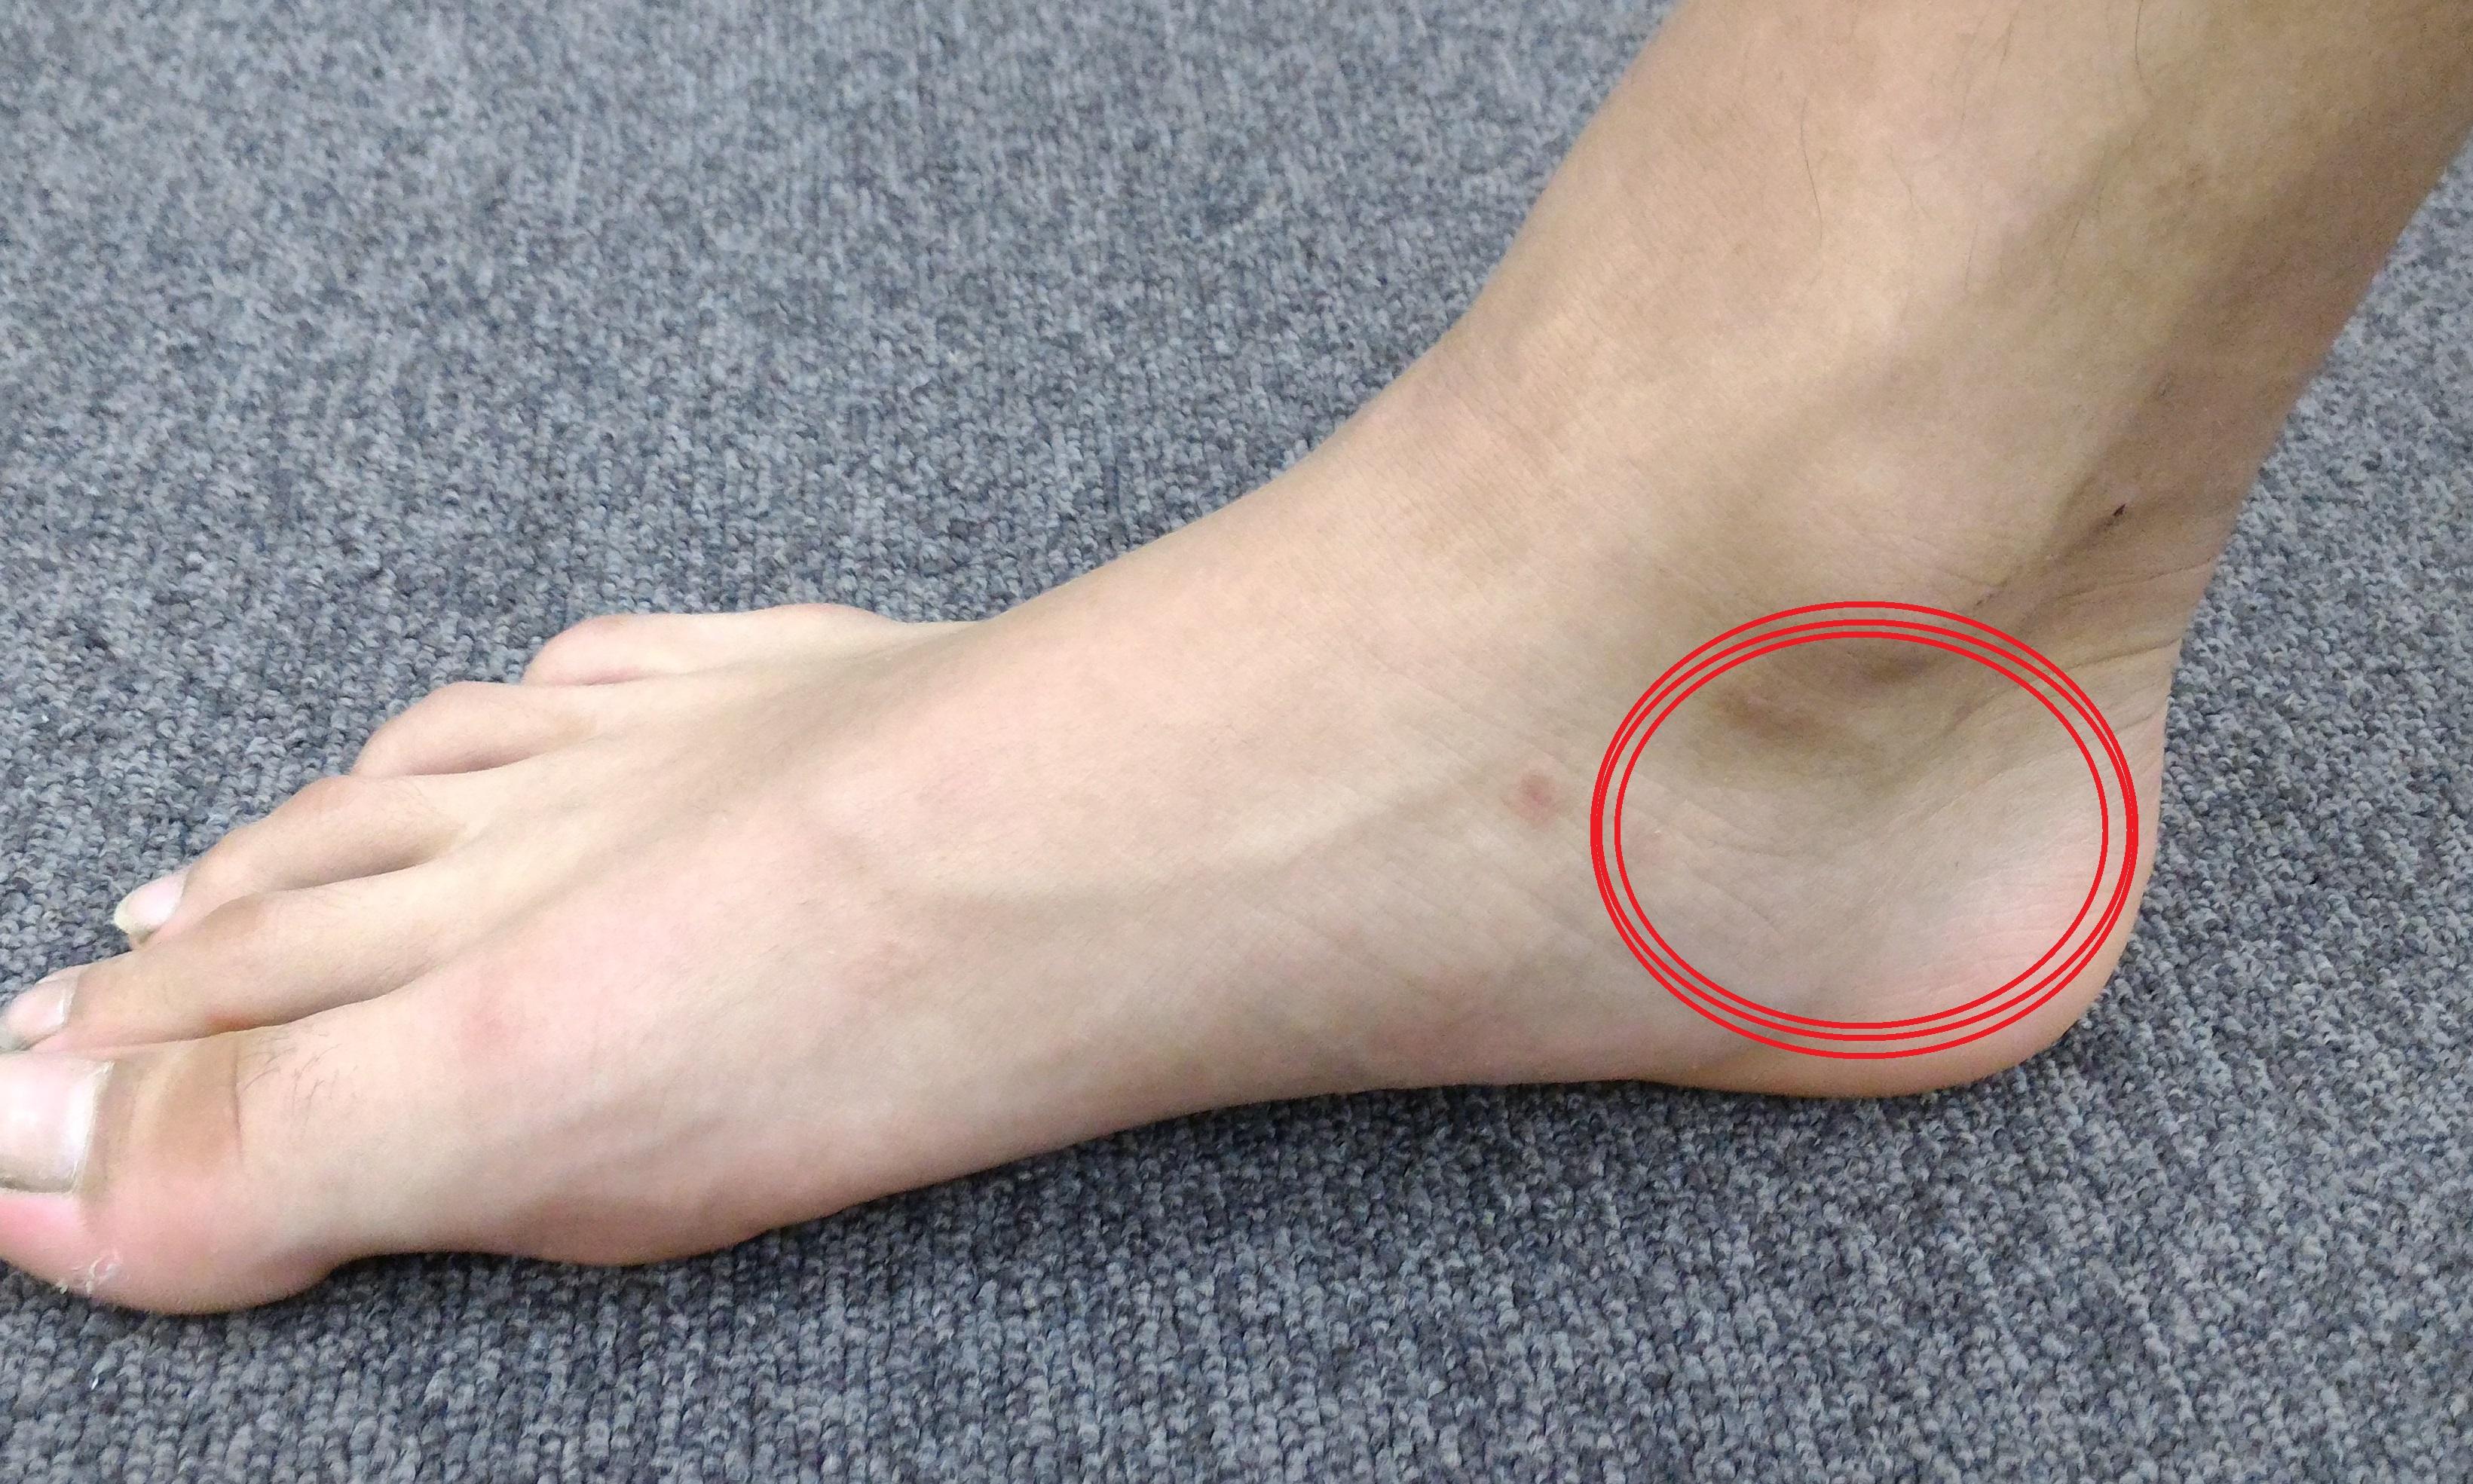 足の内側のポイント